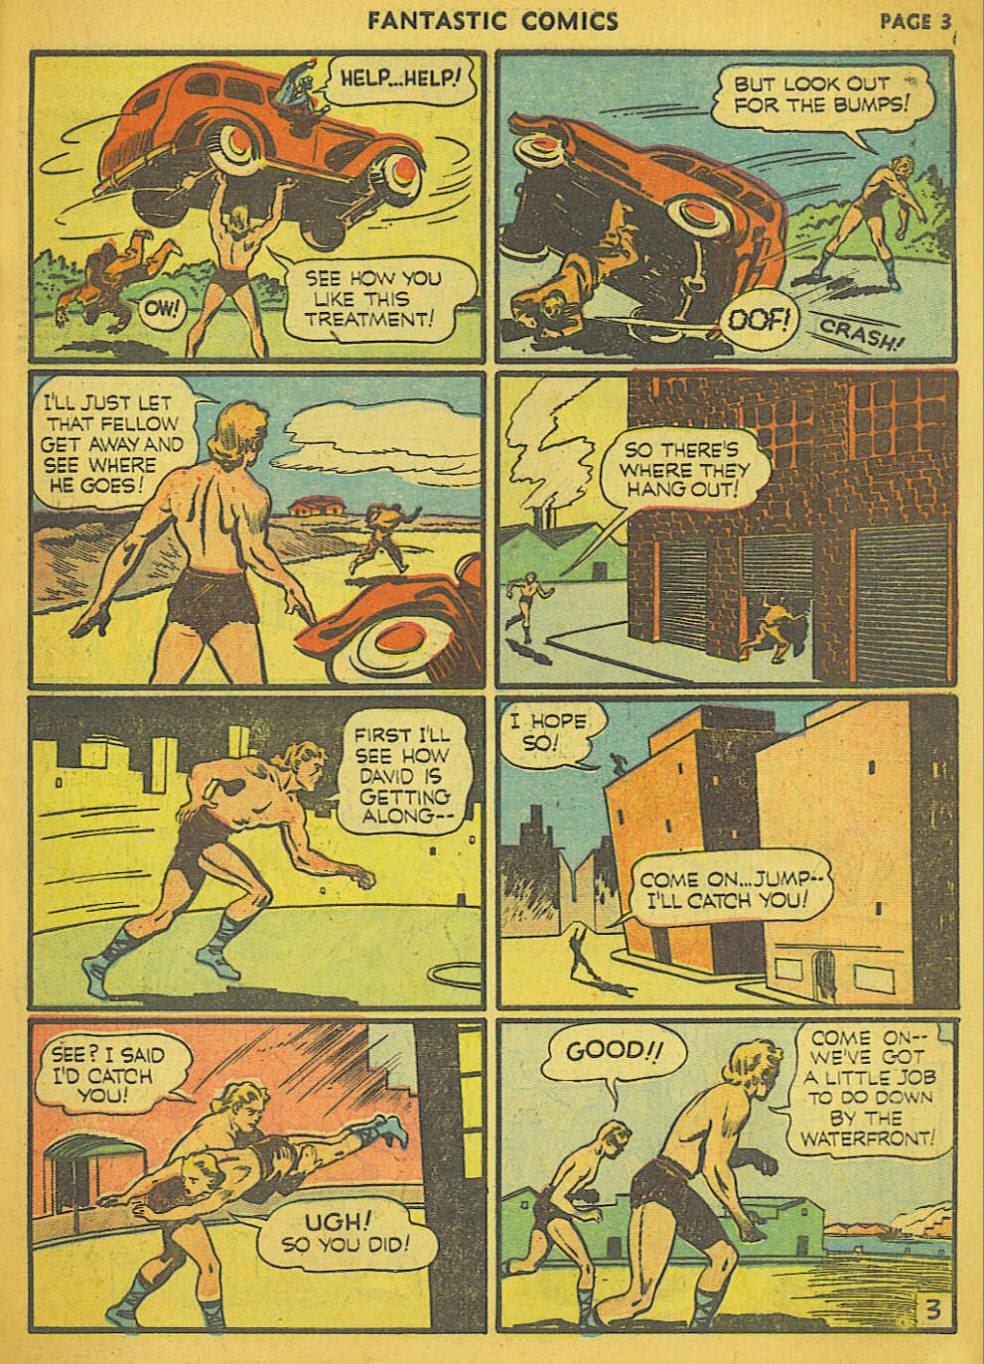 Read online Fantastic Comics comic -  Issue #15 - 24